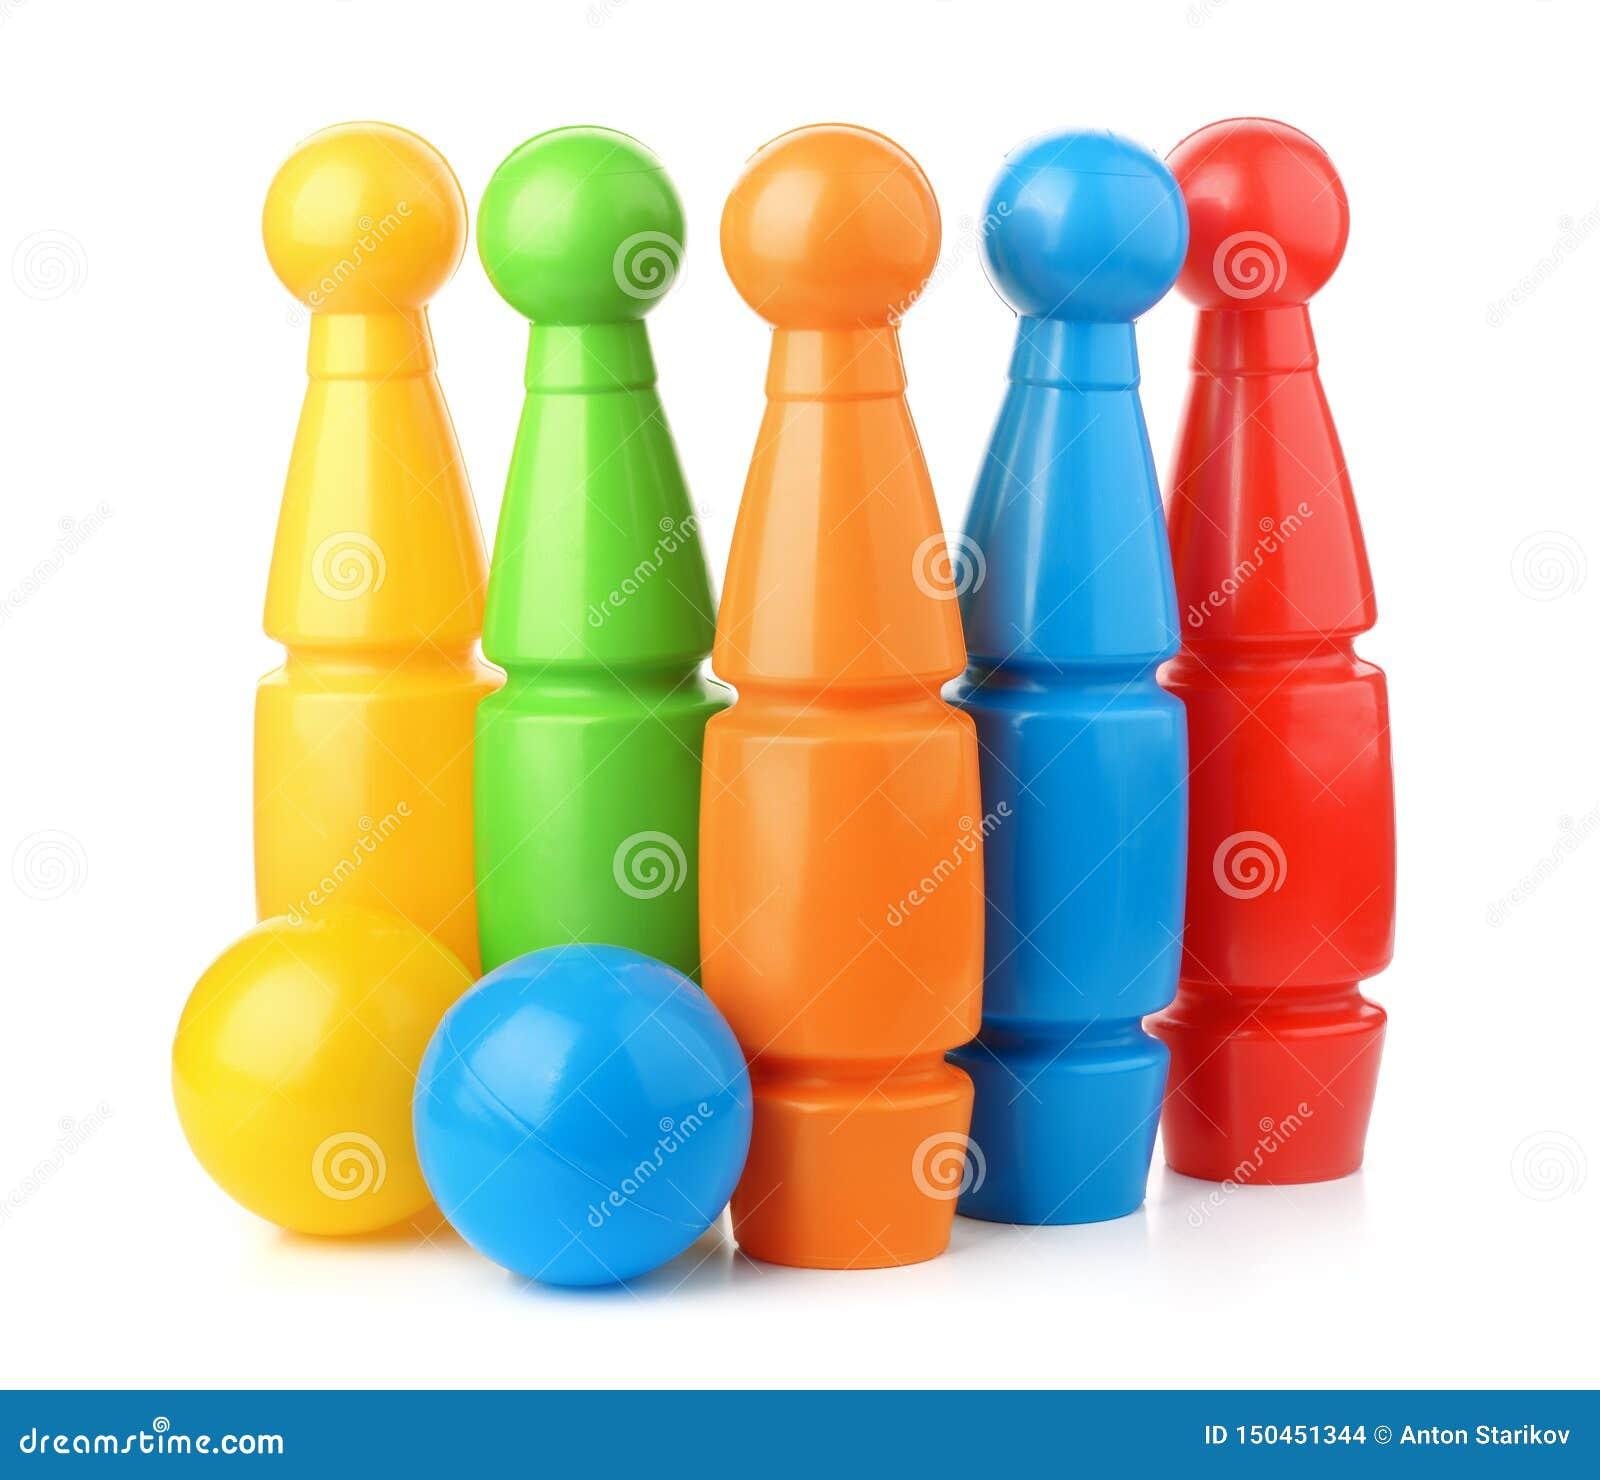 Πλαστικές καρφίτσες και σφαίρες μπόουλινγκ παιχνιδιών καθορισμένες